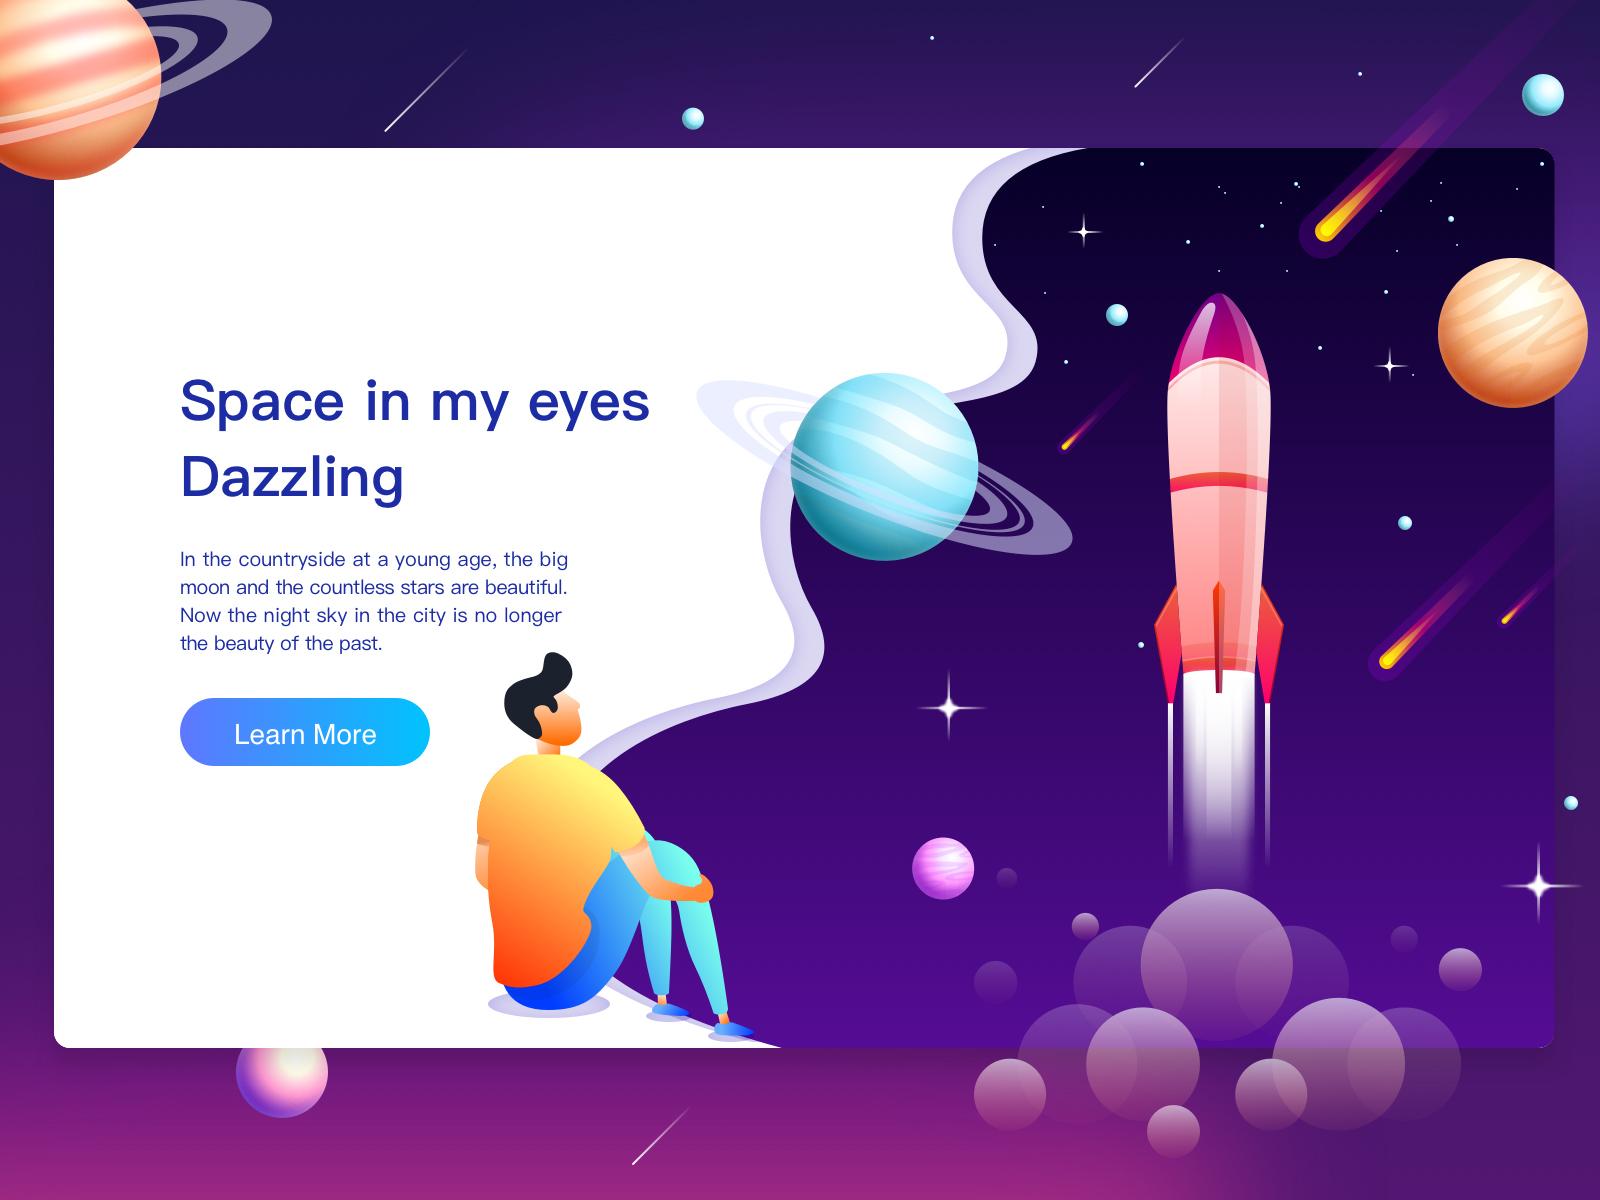 Space in my eyes